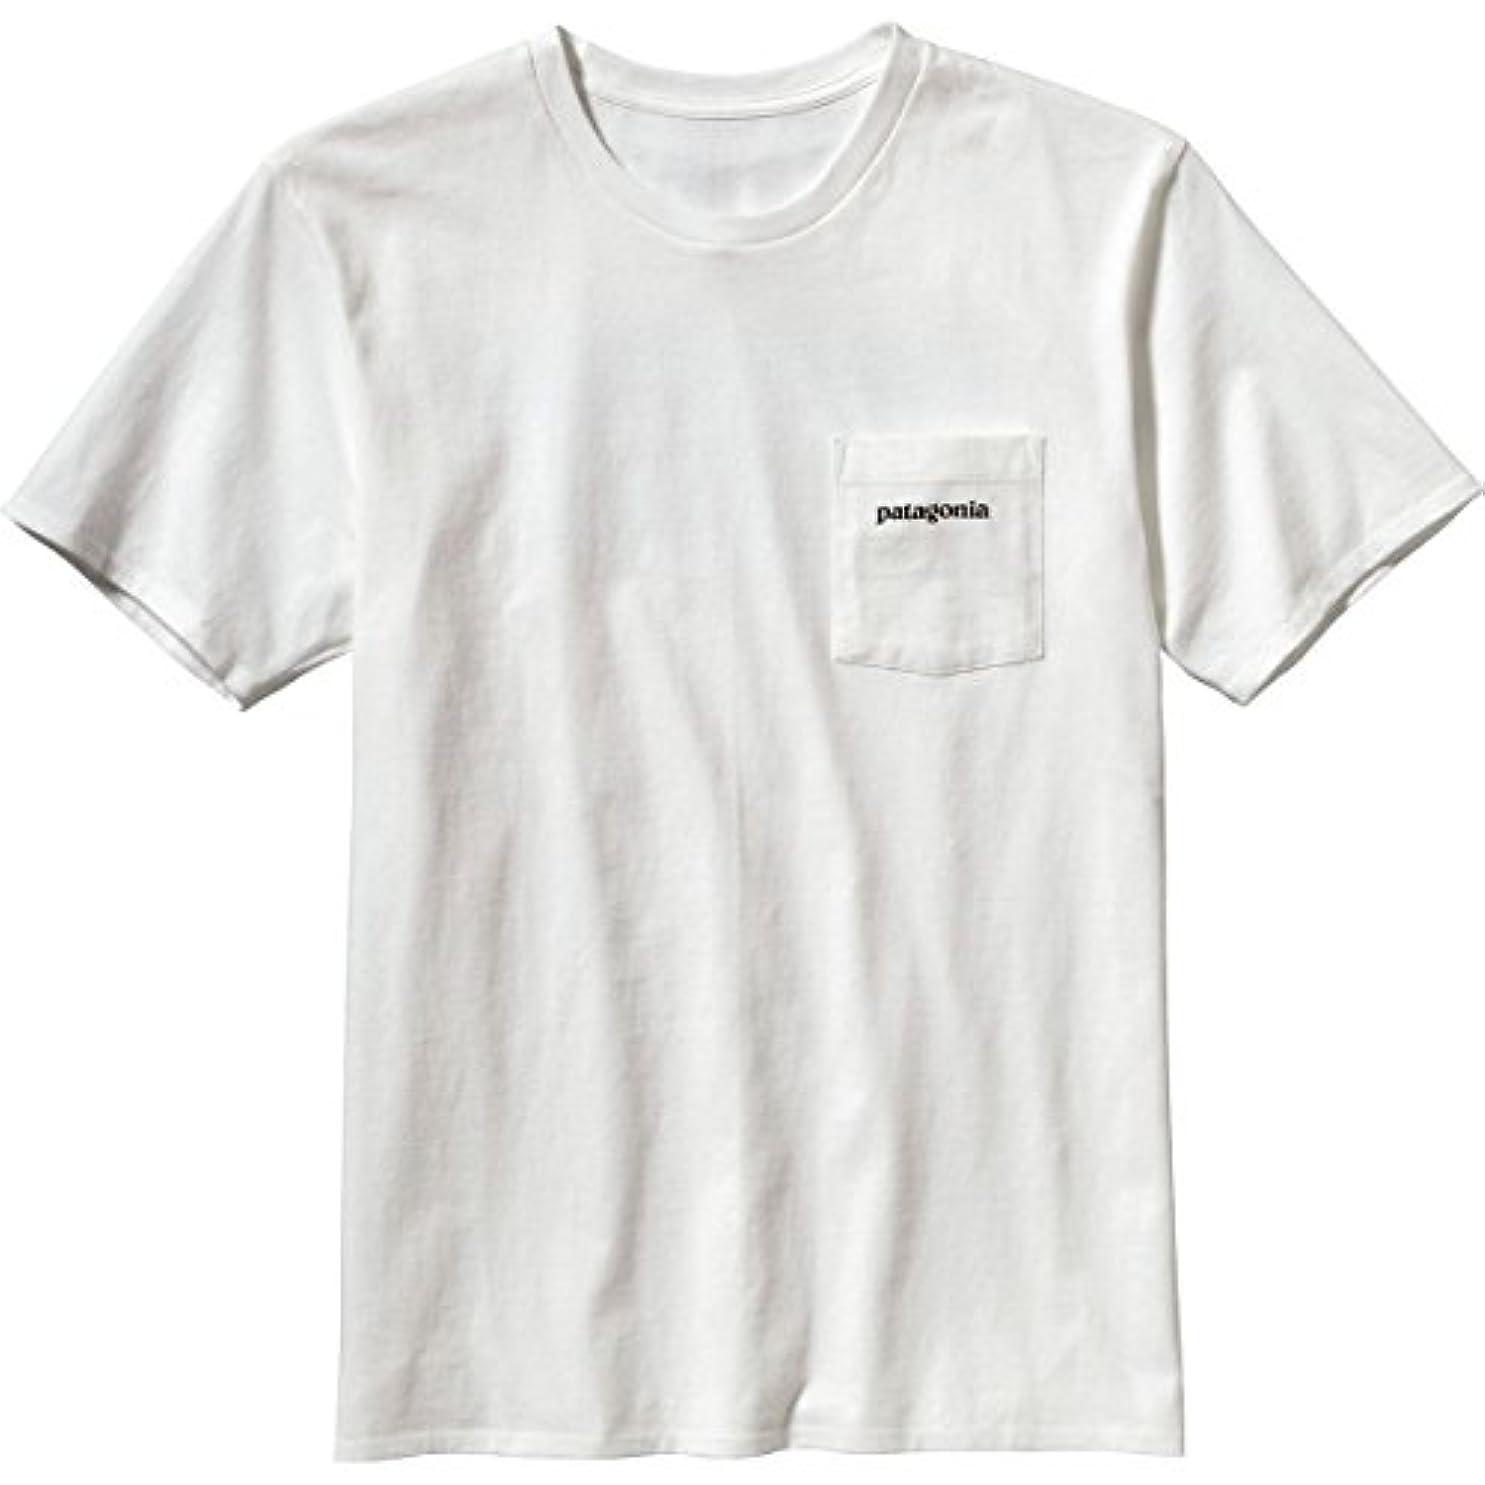 発生アルコーブ連合パタゴニア トップス Tシャツ Patagonia P-6 Logo Pocket T-Shirt - Shor White byg [並行輸入品]